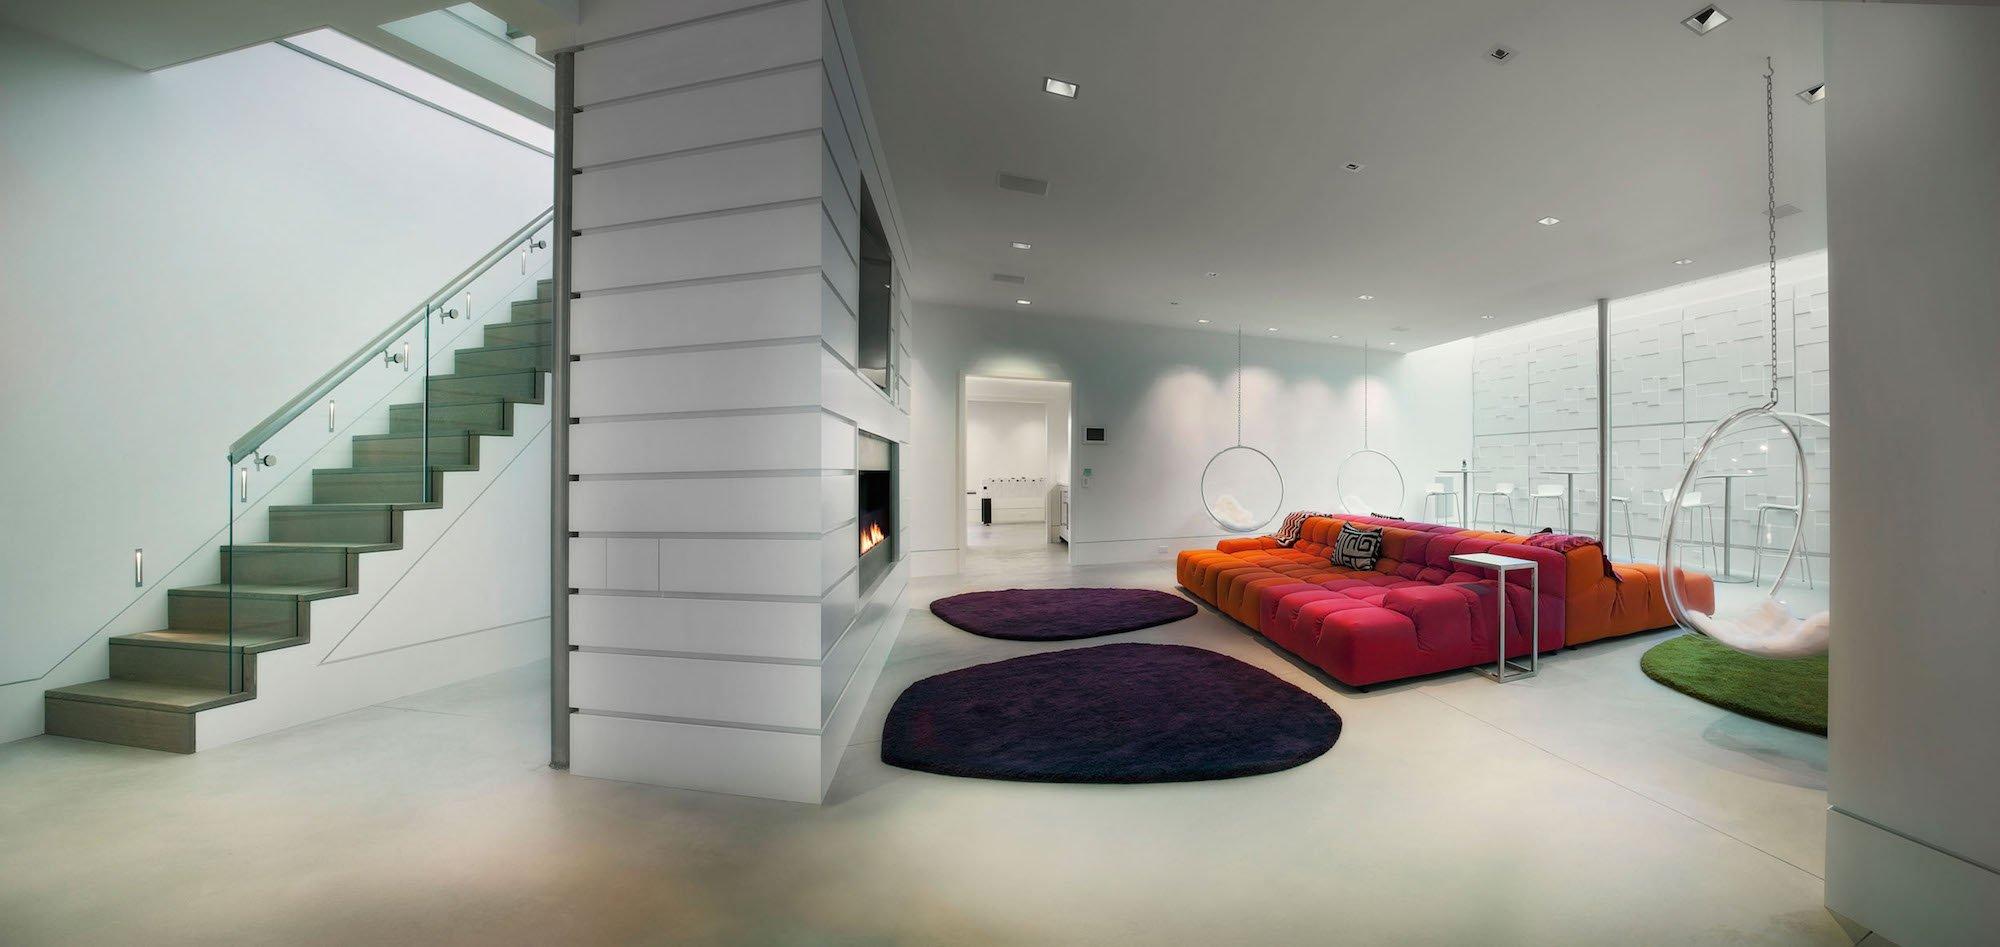 Squam-Residence-26